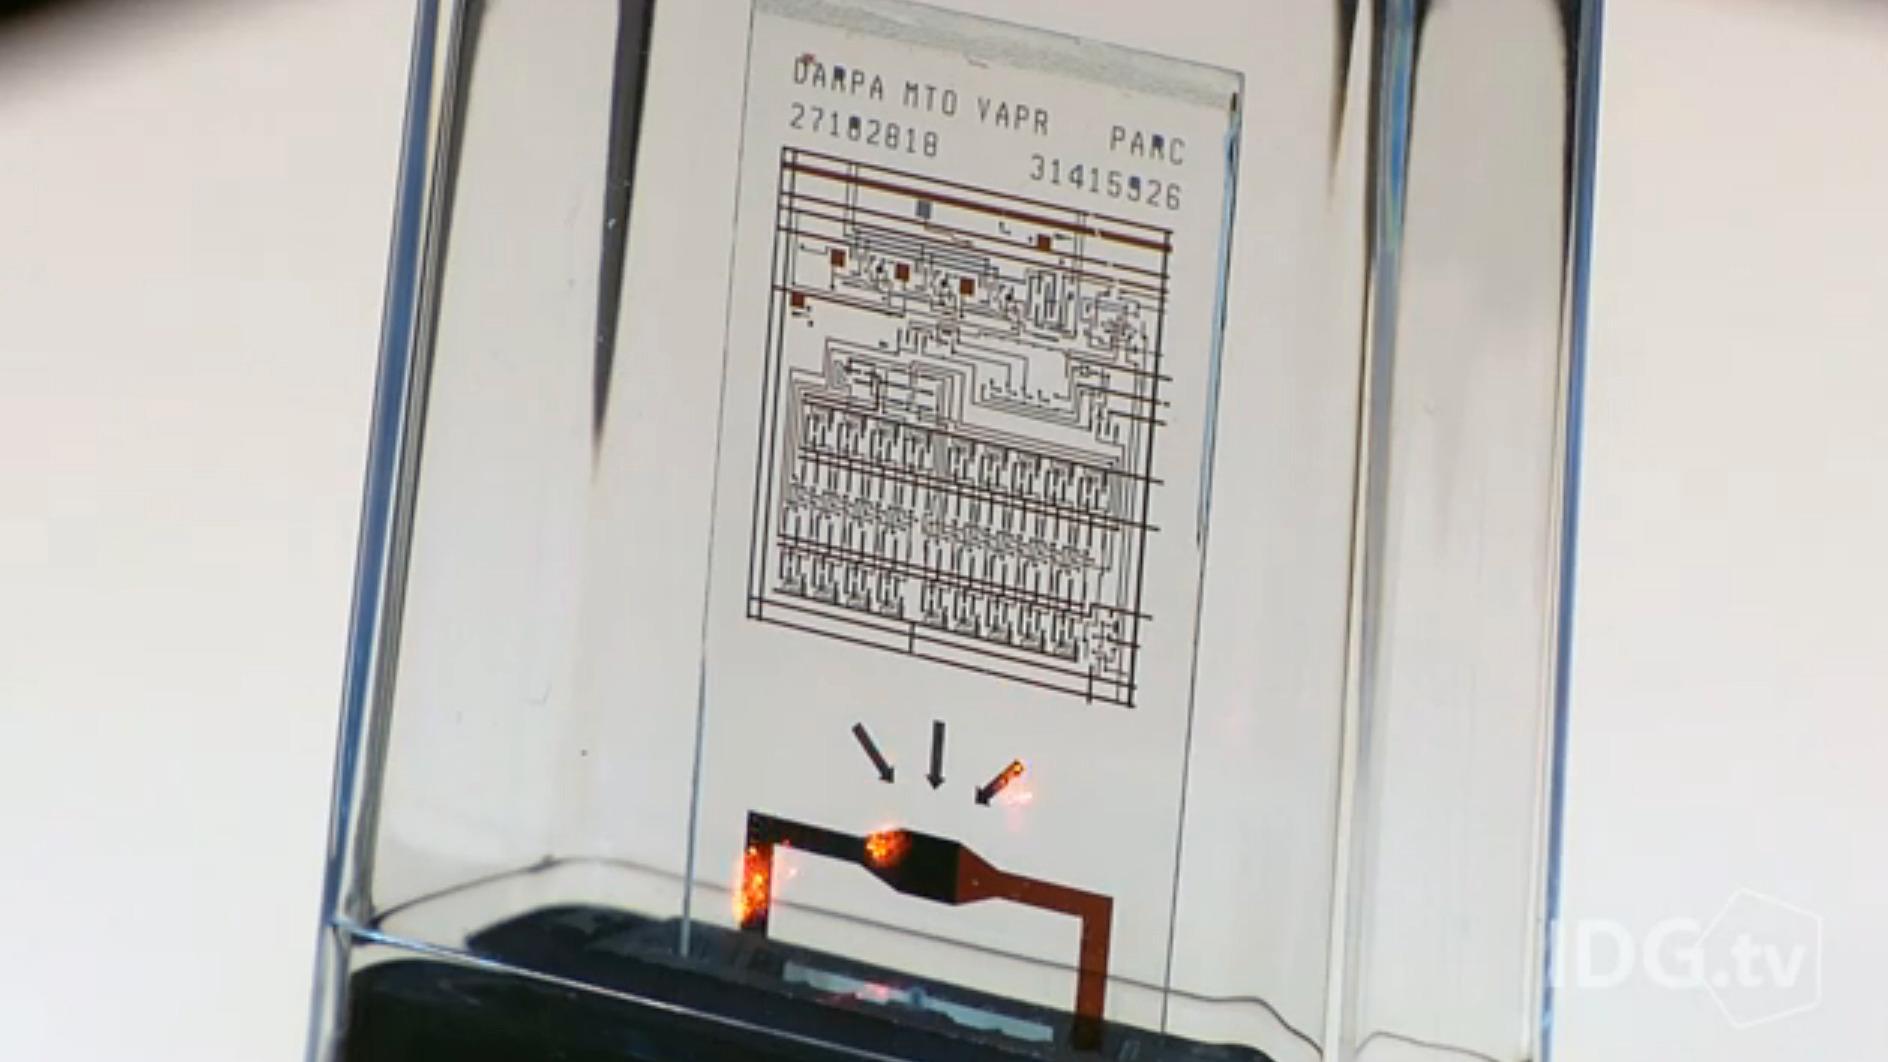 «Denne databrikken ødelegger seg selv om 5... 4...»